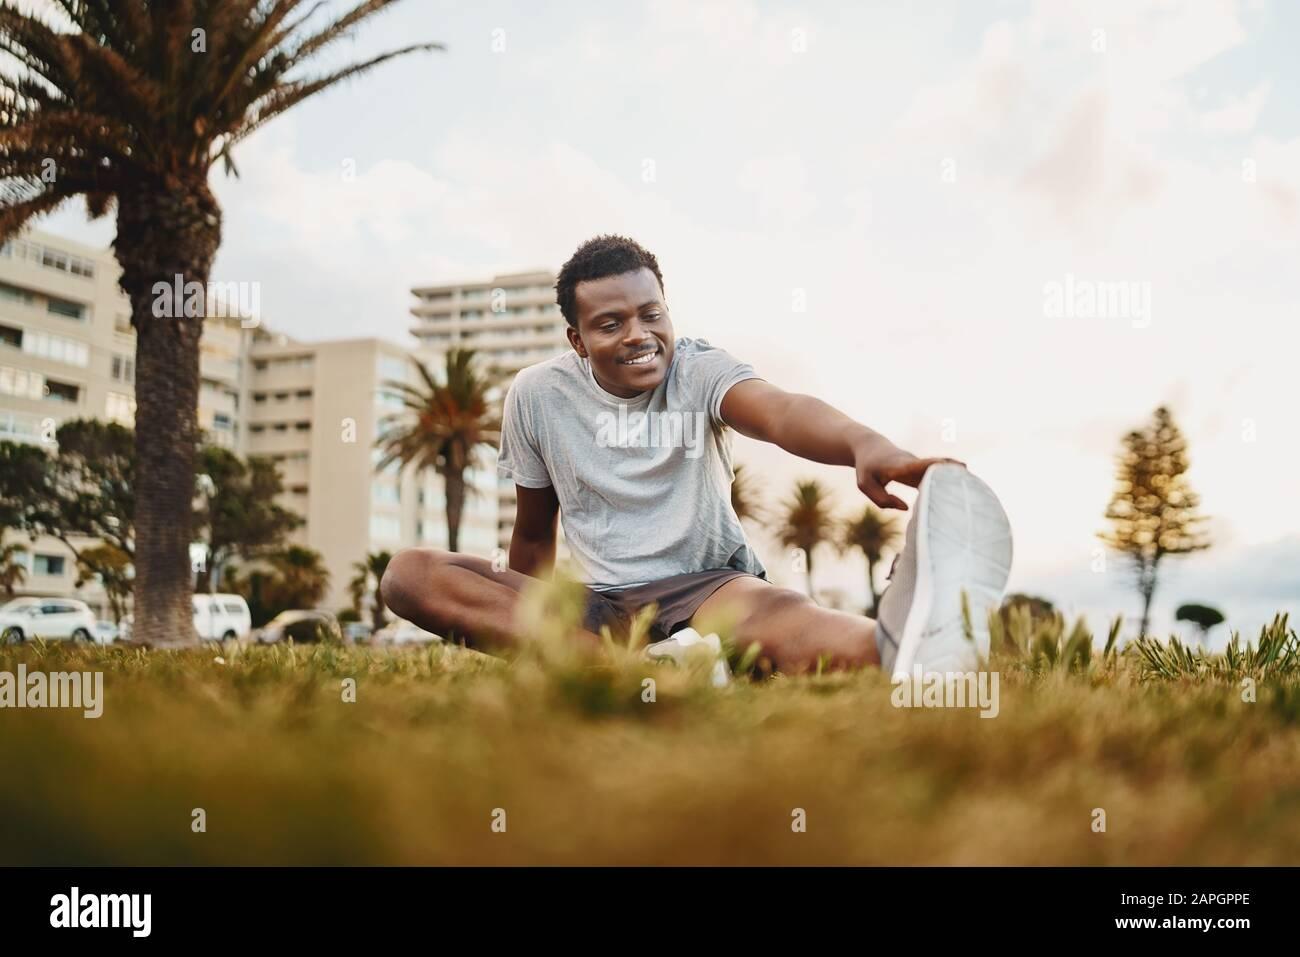 Retrato sonriente de un joven atleta sentado en hierba verde haciendo ejercicio de estiramiento en el parque Foto de stock